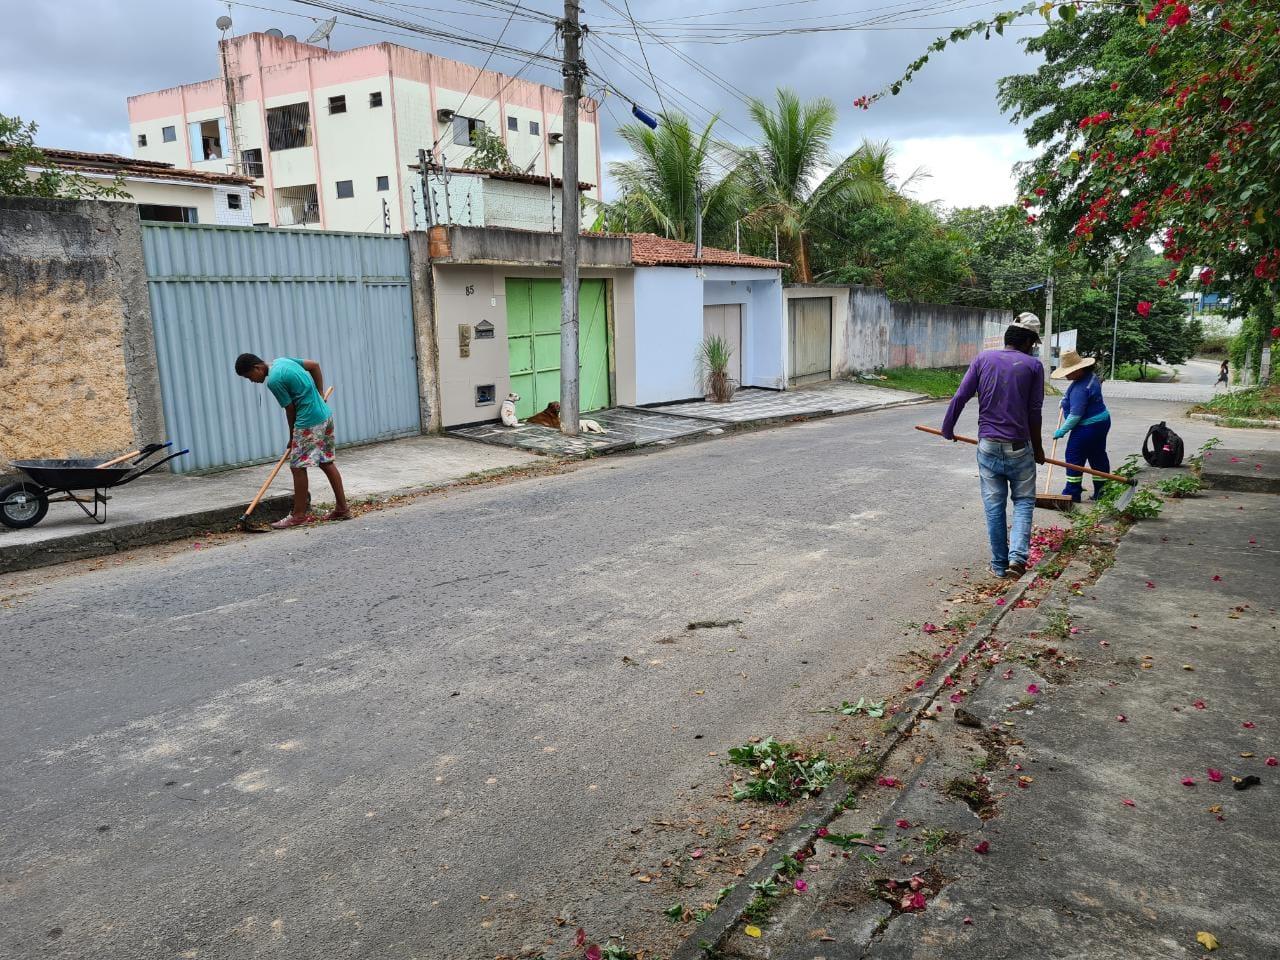 Prefeitura de Eunápolis realiza operação de limpeza do Mutirão 'Bota-Fora', no bairro Dinah Borges 30